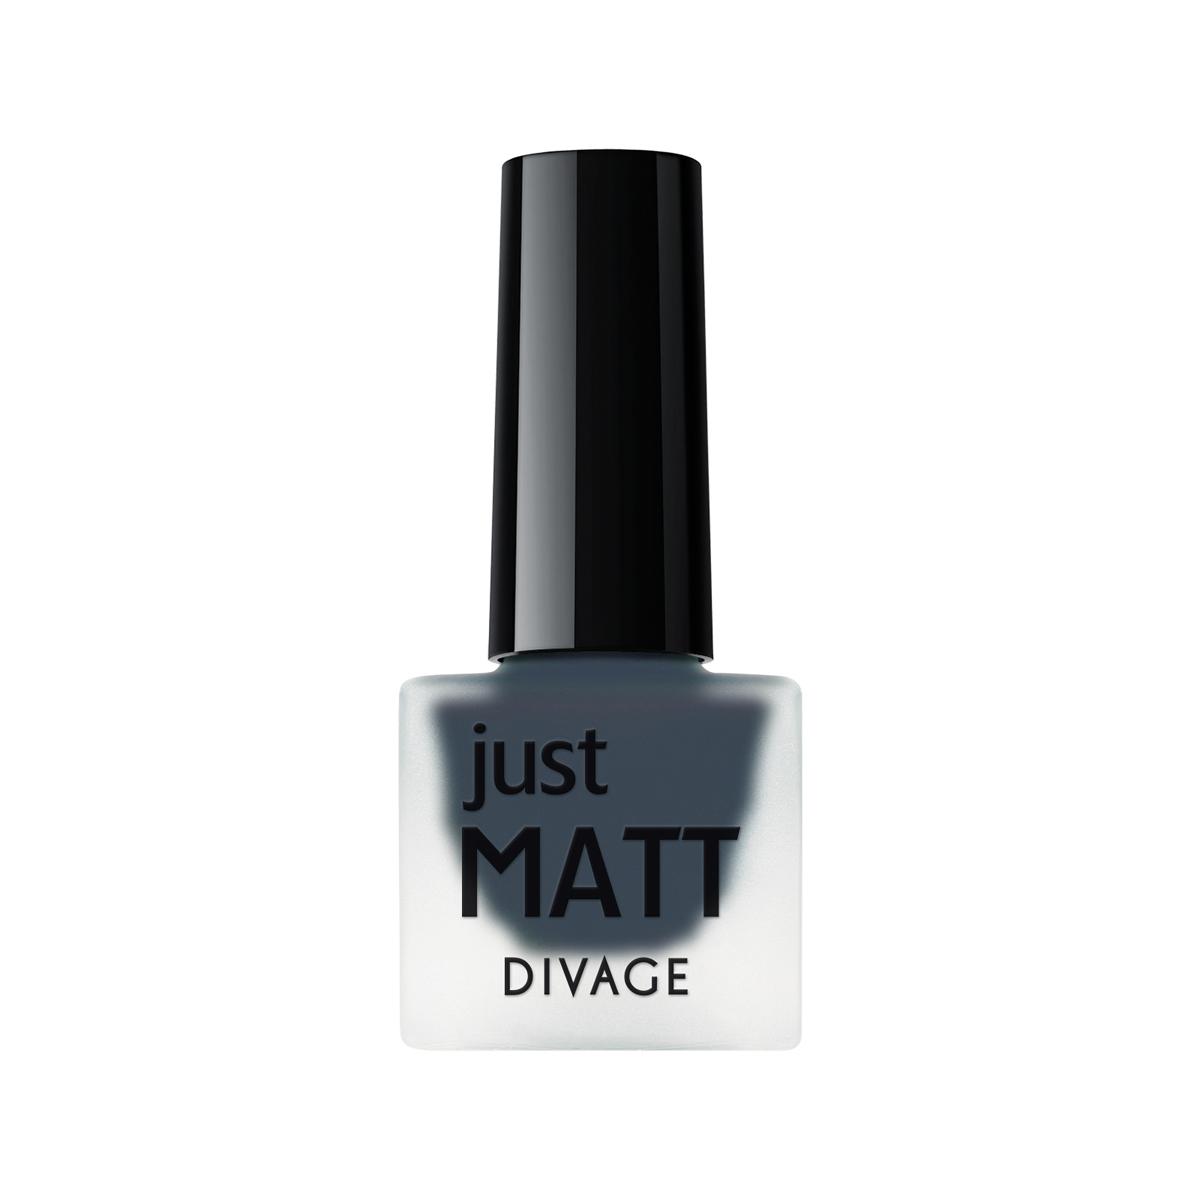 DIVAGE Лак для ногтей JUST MATT, тон № 5601, 7 мл215502Лак для ногтей Divage Just Matt с матовым эффектом имеет легкую бархатистую текстуру (Soft Touch) и удобный мини формат упаковки. Наносится идеально ровно, визуально сглаживая неровности ногтевой пластины. Характеристики: Объем: 7 мл. Тон: №5601. Товар сертифицирован.